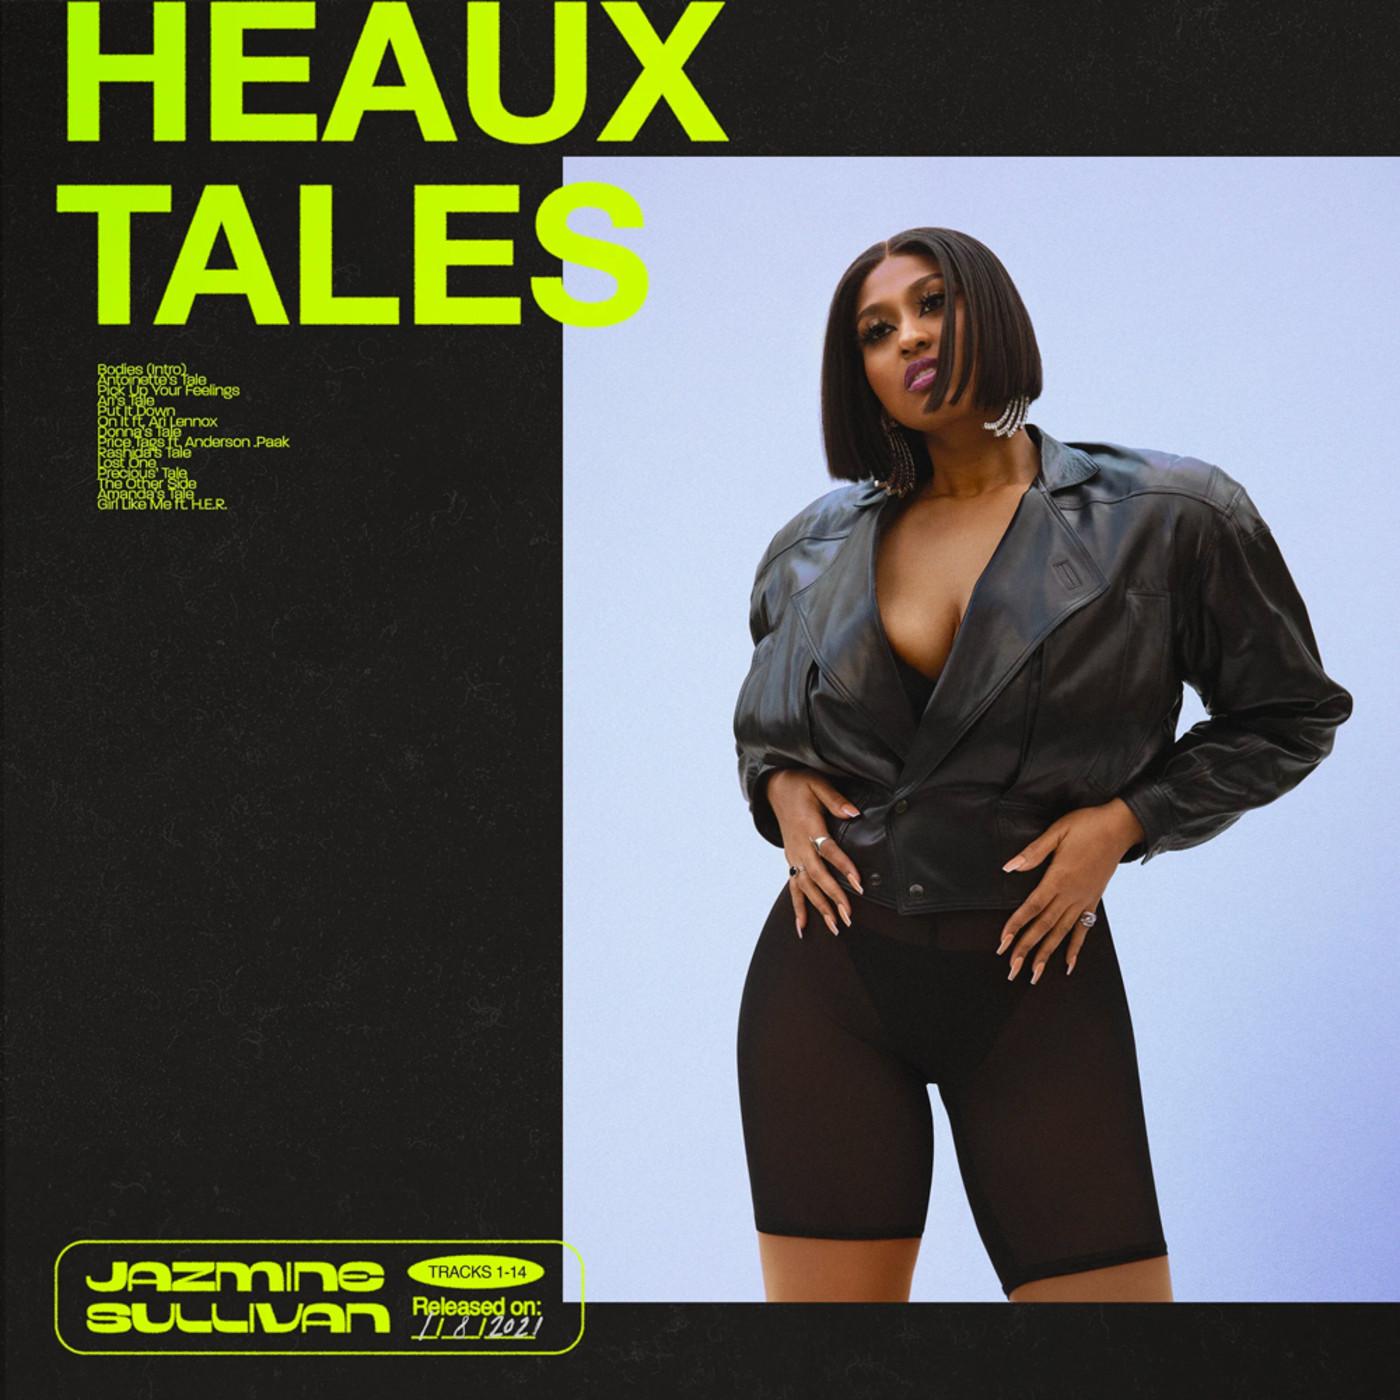 jazmine-heaux-tales